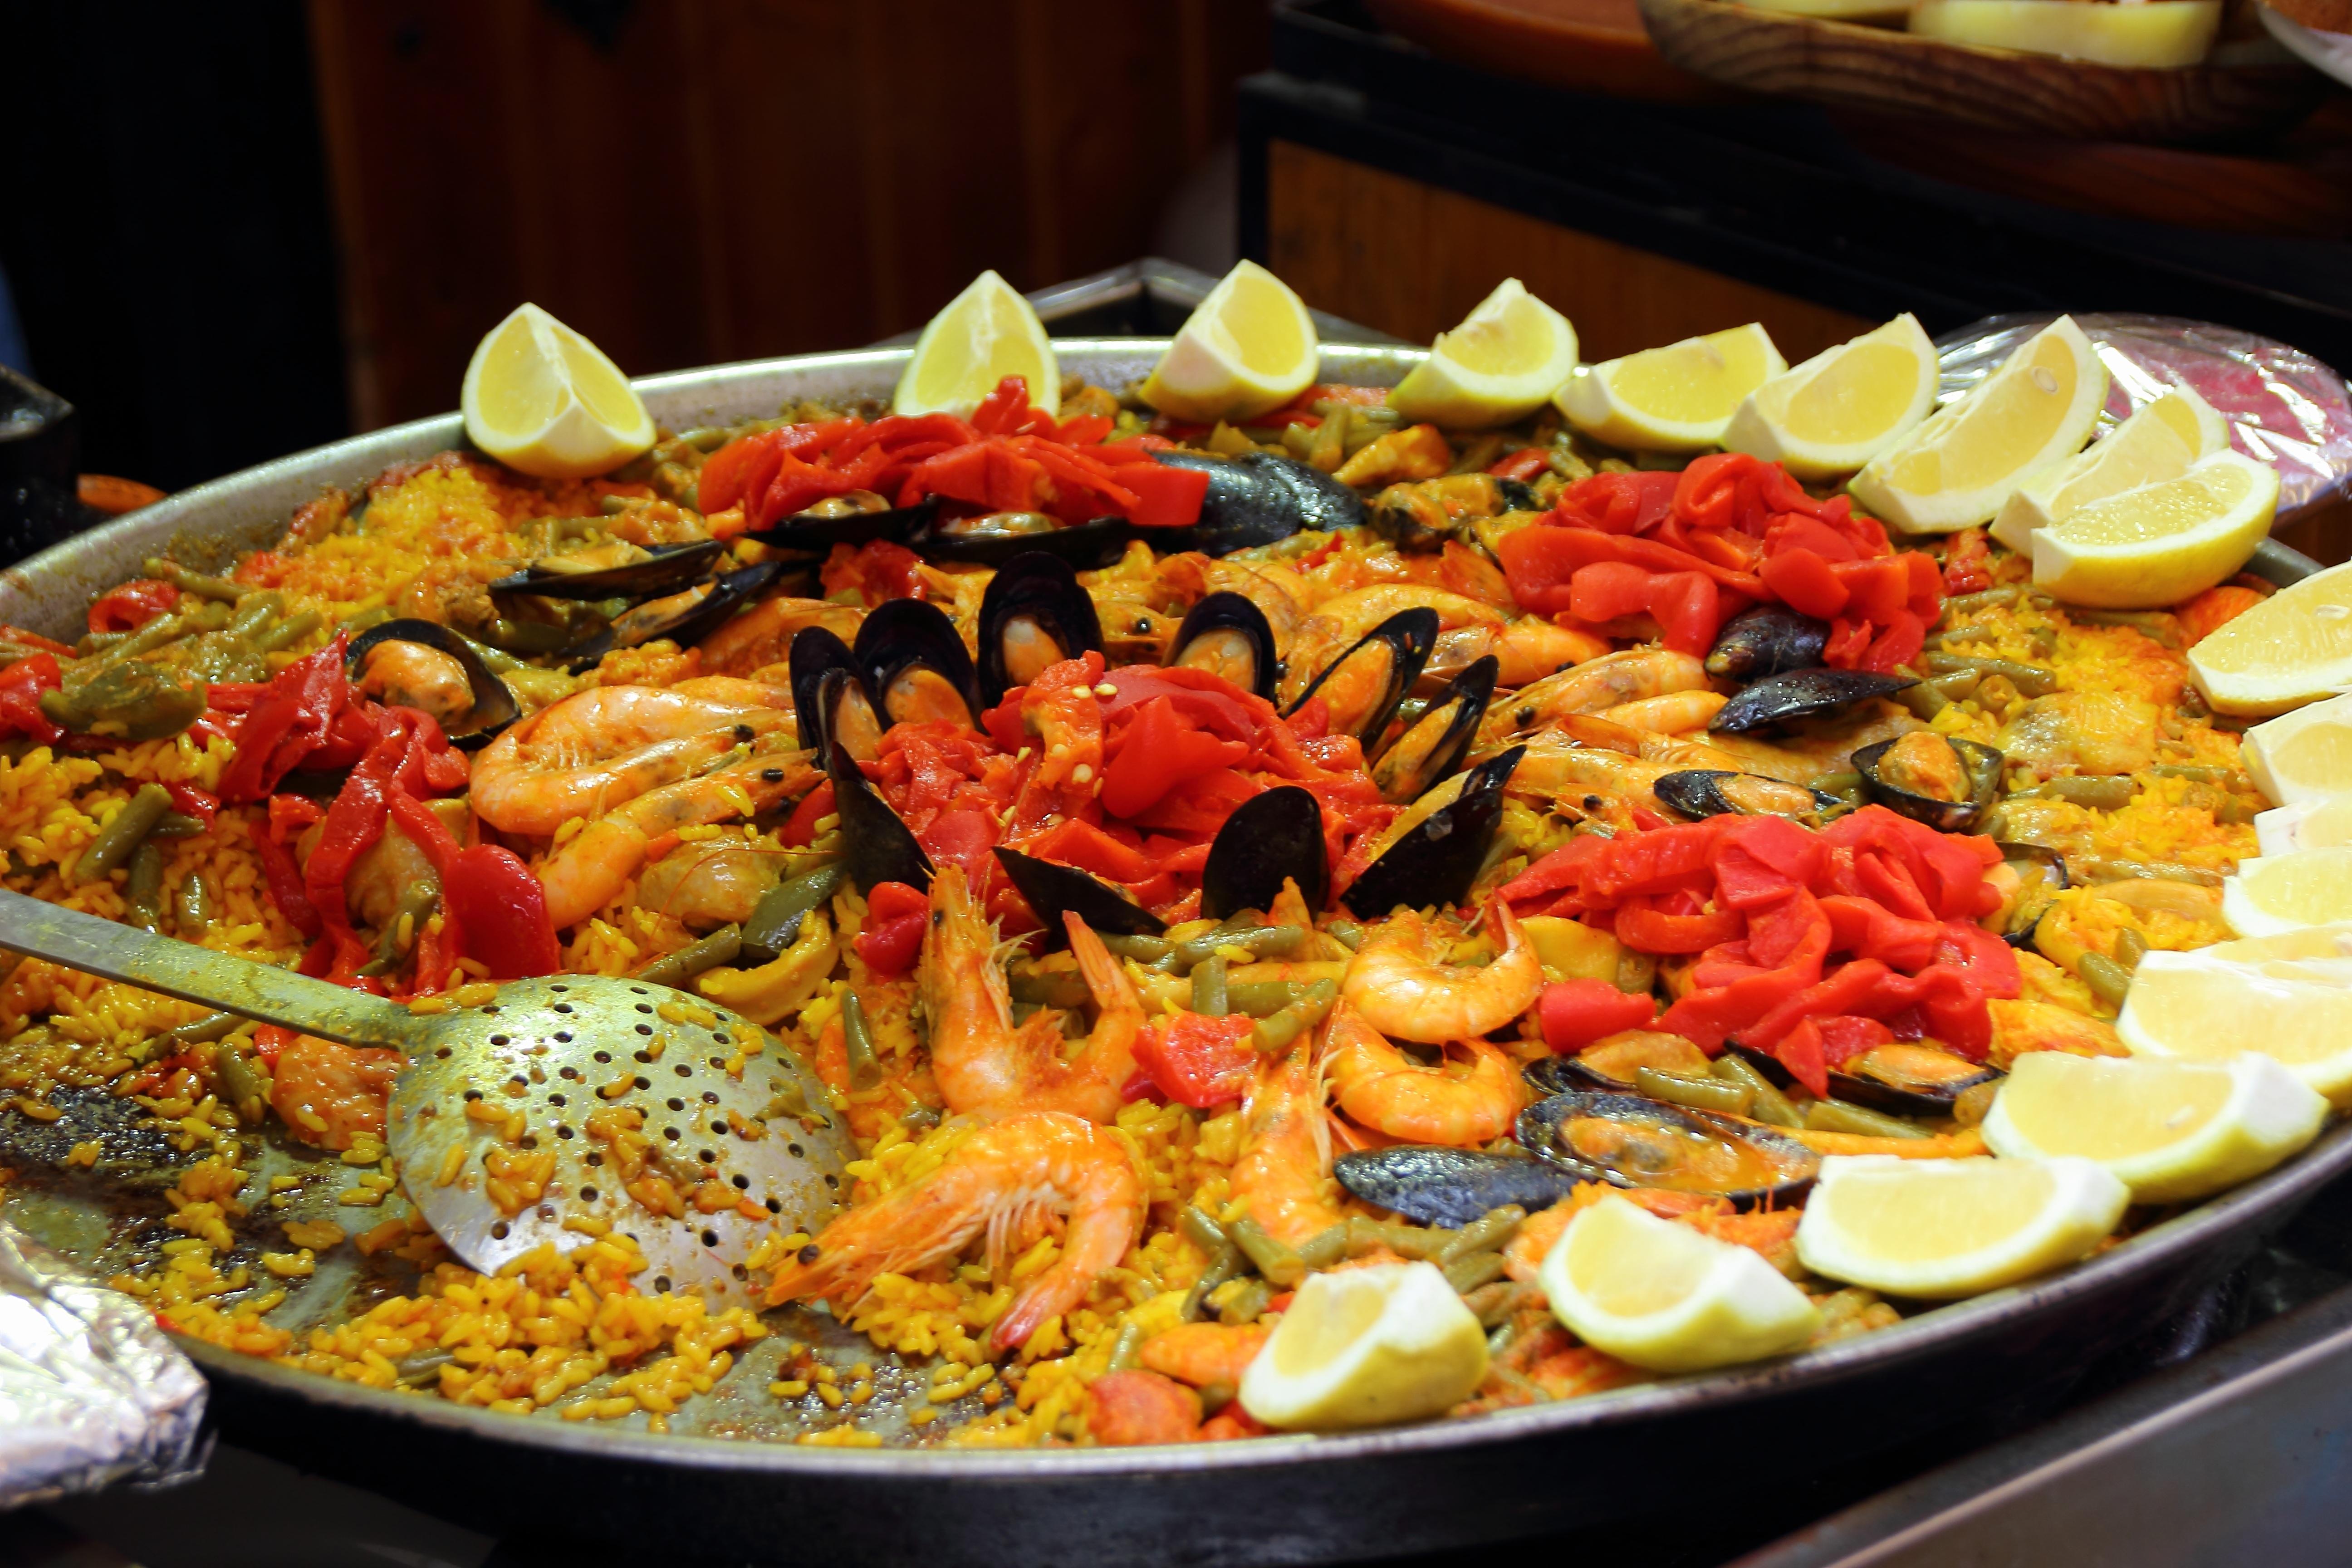 Fotos gratis : Mariscos, pescado, comer, arroz, buffet, camarón ...